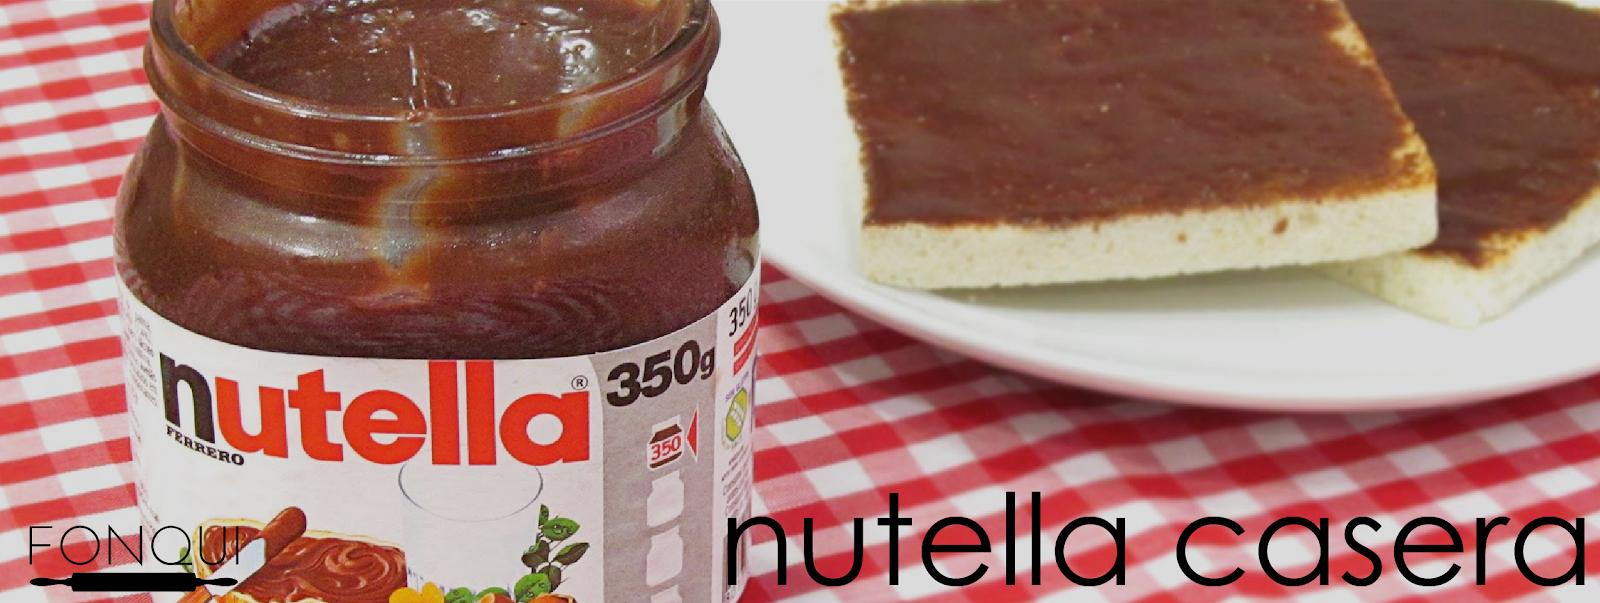 Nutella casera Fonqui repostería